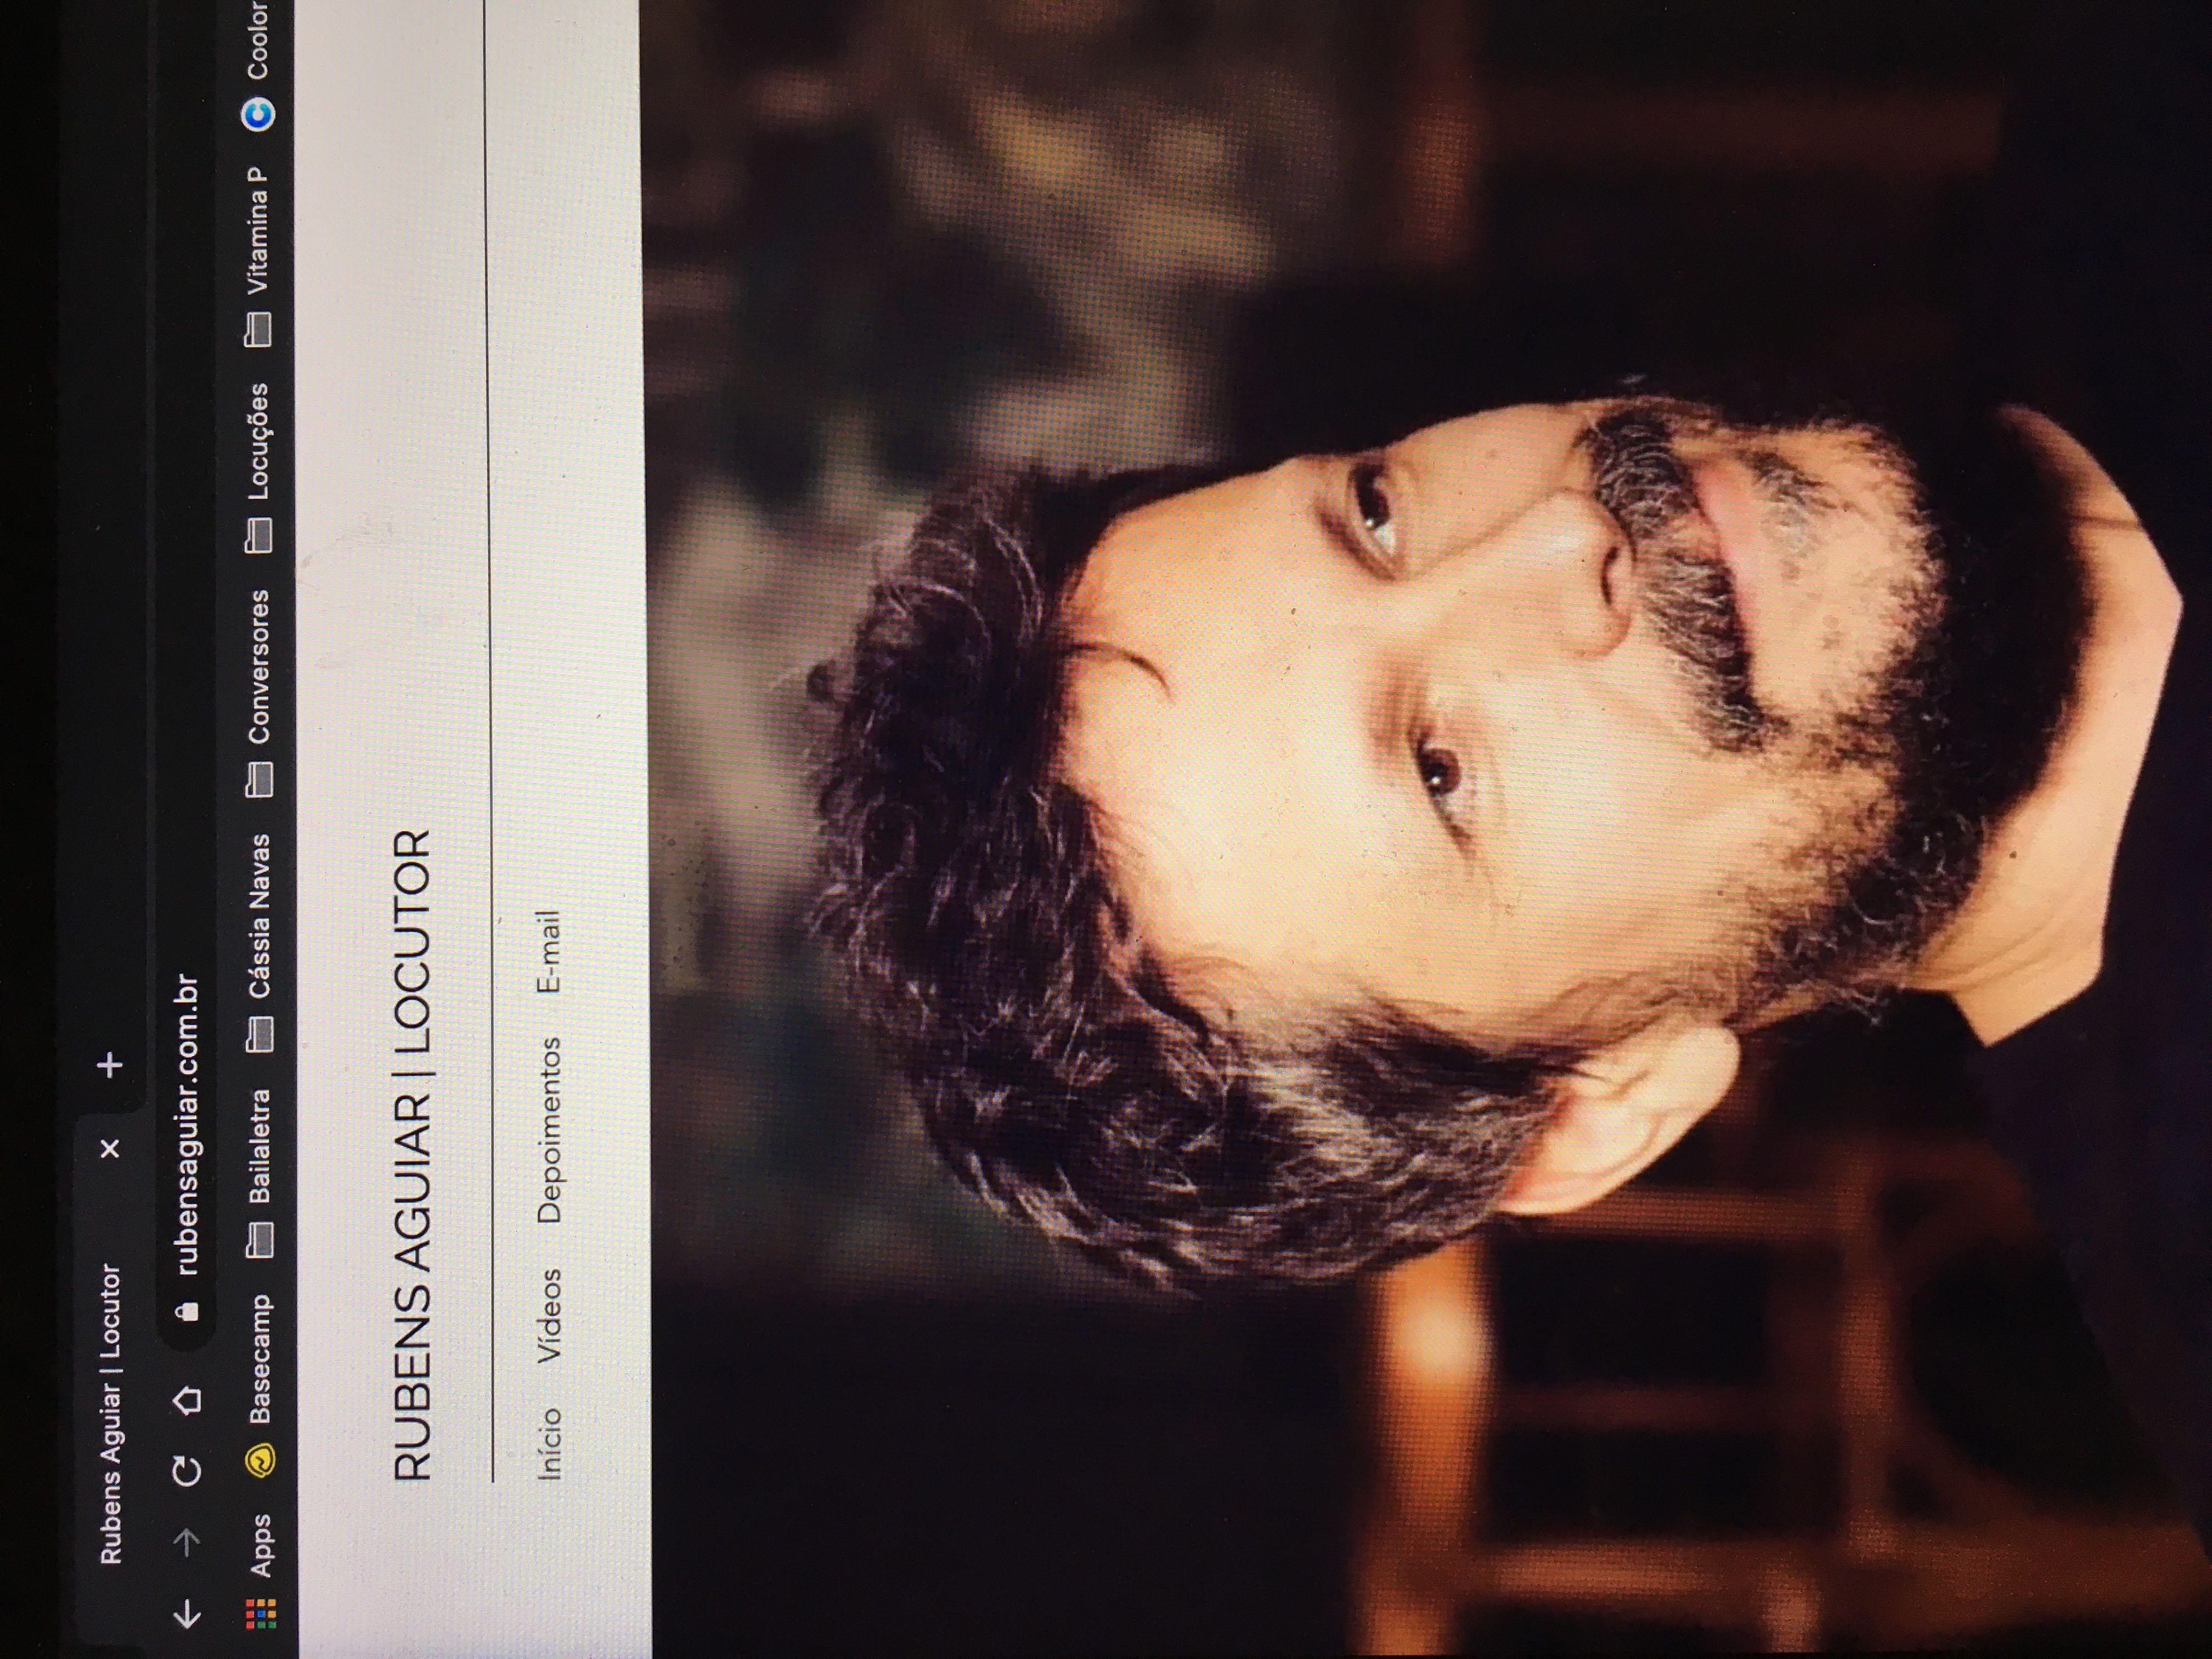 Conheça meu portfólio em rubensaguiar.com.br